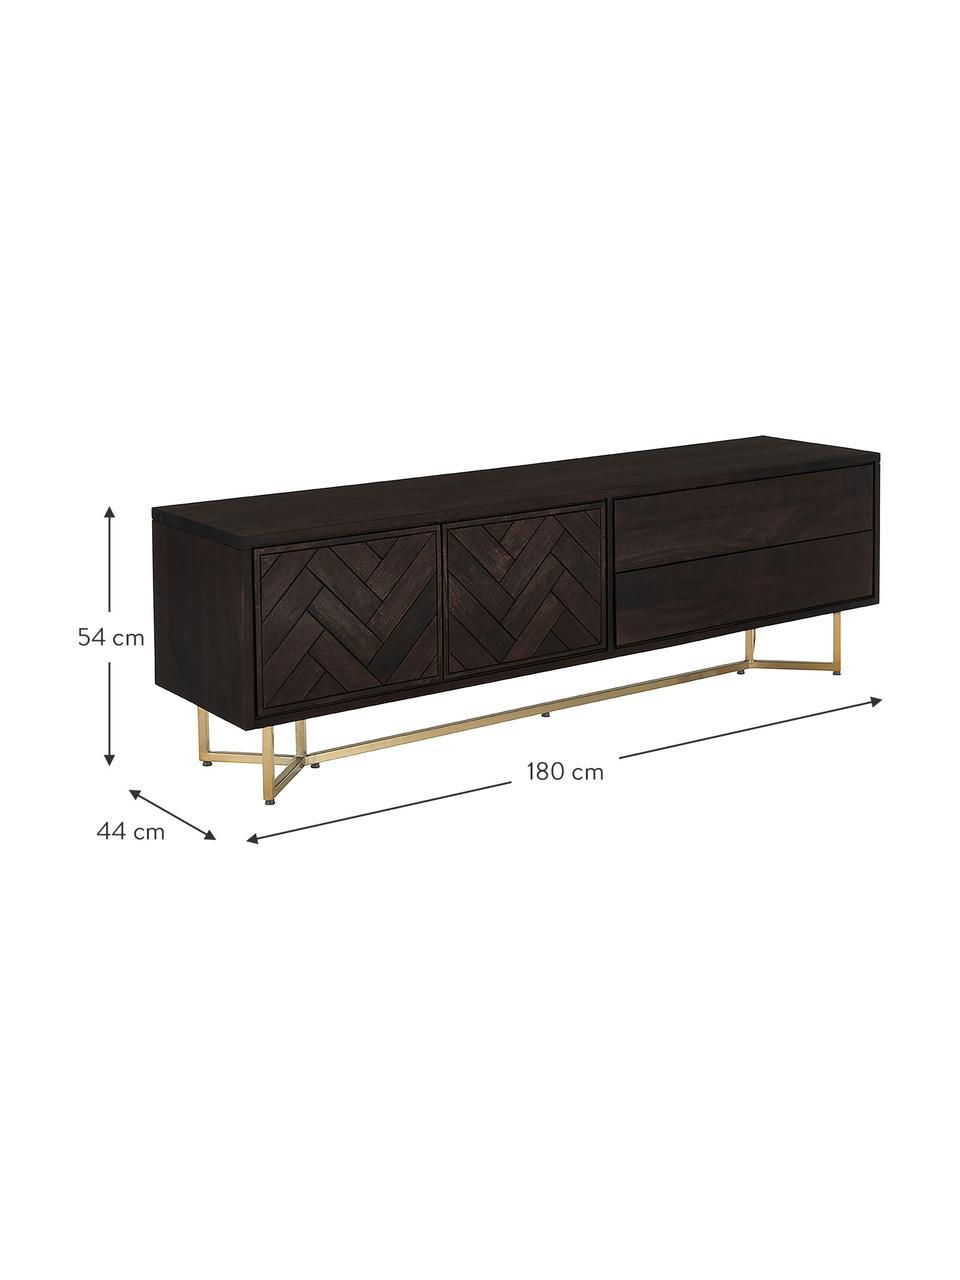 Szafka niska w jodełkę z litego drewna Luca, Korpus: lite drewno mangowe, Stelaż: metal powlekany, Brązowy, odcienie złotego, S 180 x W 54 cm